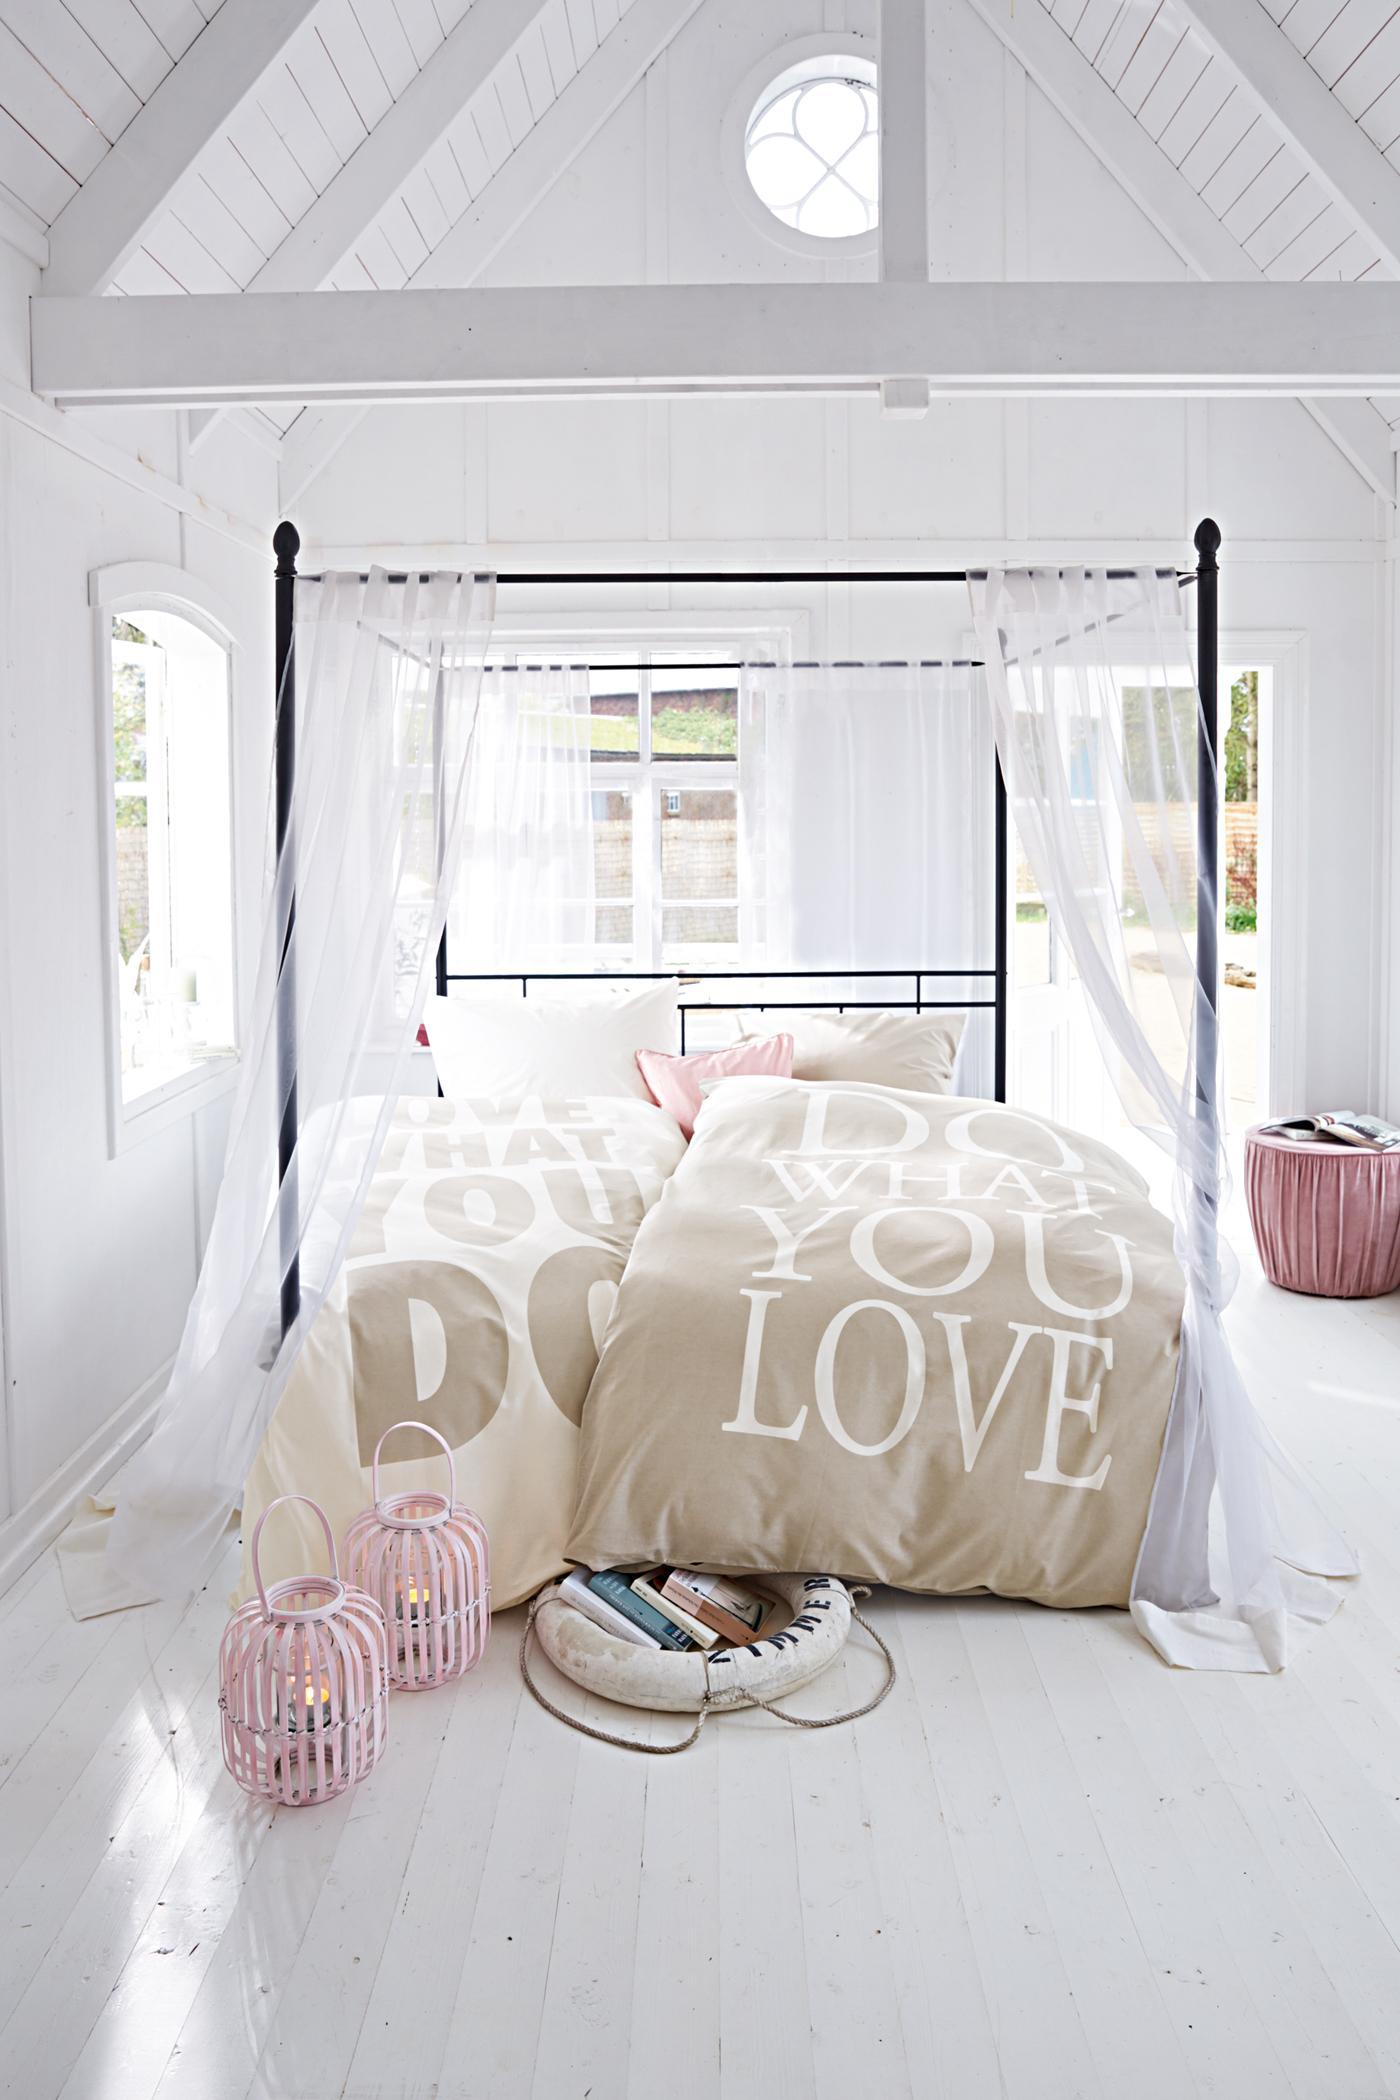 Baldachine betthimmel bilder ideen couchstyle for Betthimmel ideen